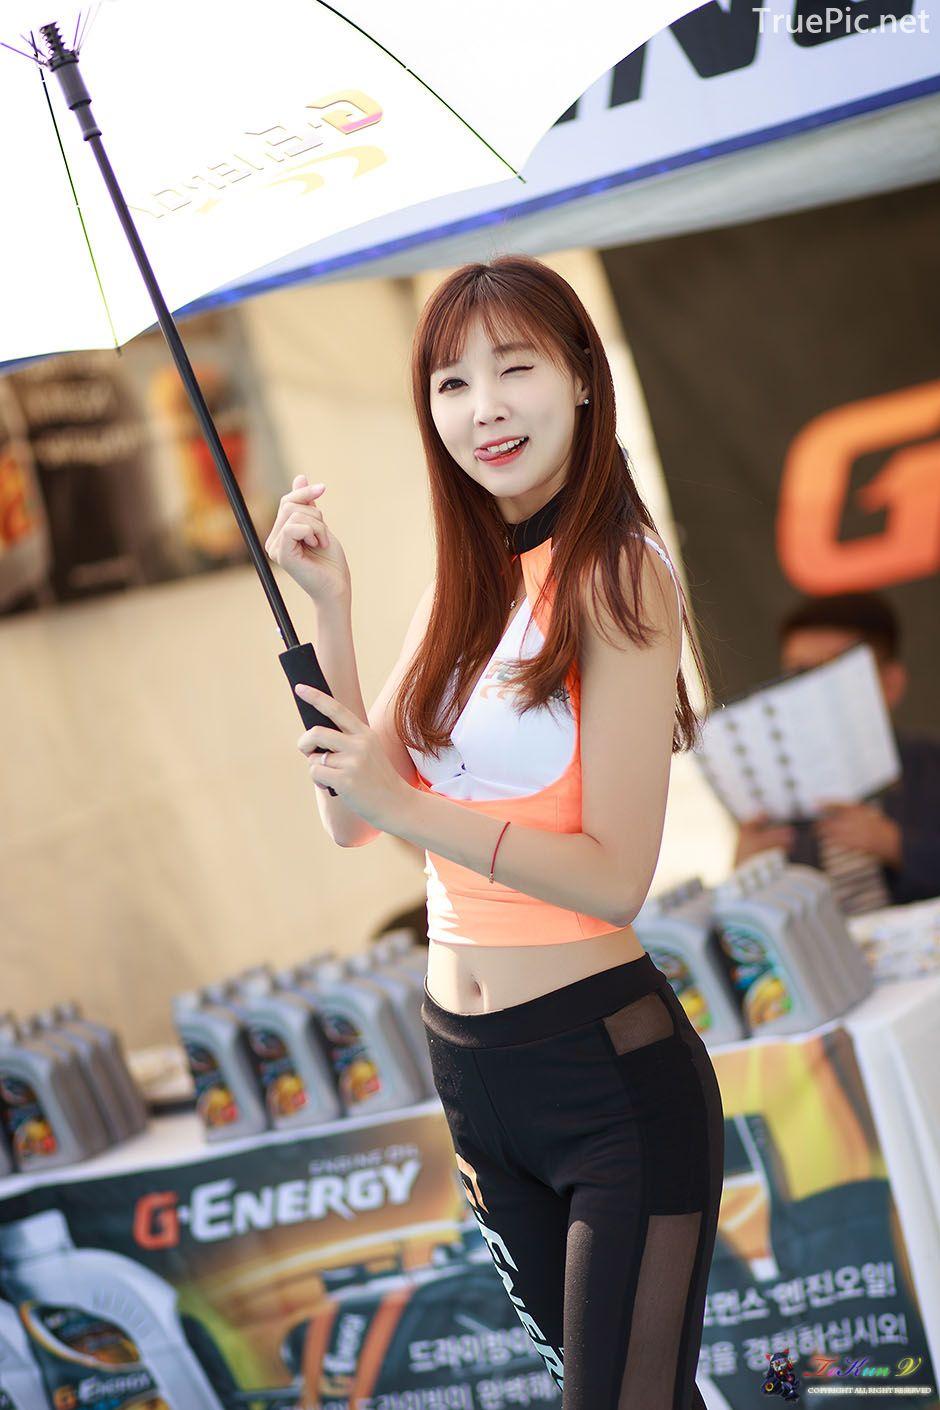 Image-Korean-Racing-Model-Lee-Yoo-Eun-Incheon-KoreaTuning-Festival-Show-TruePic.net- Picture-4